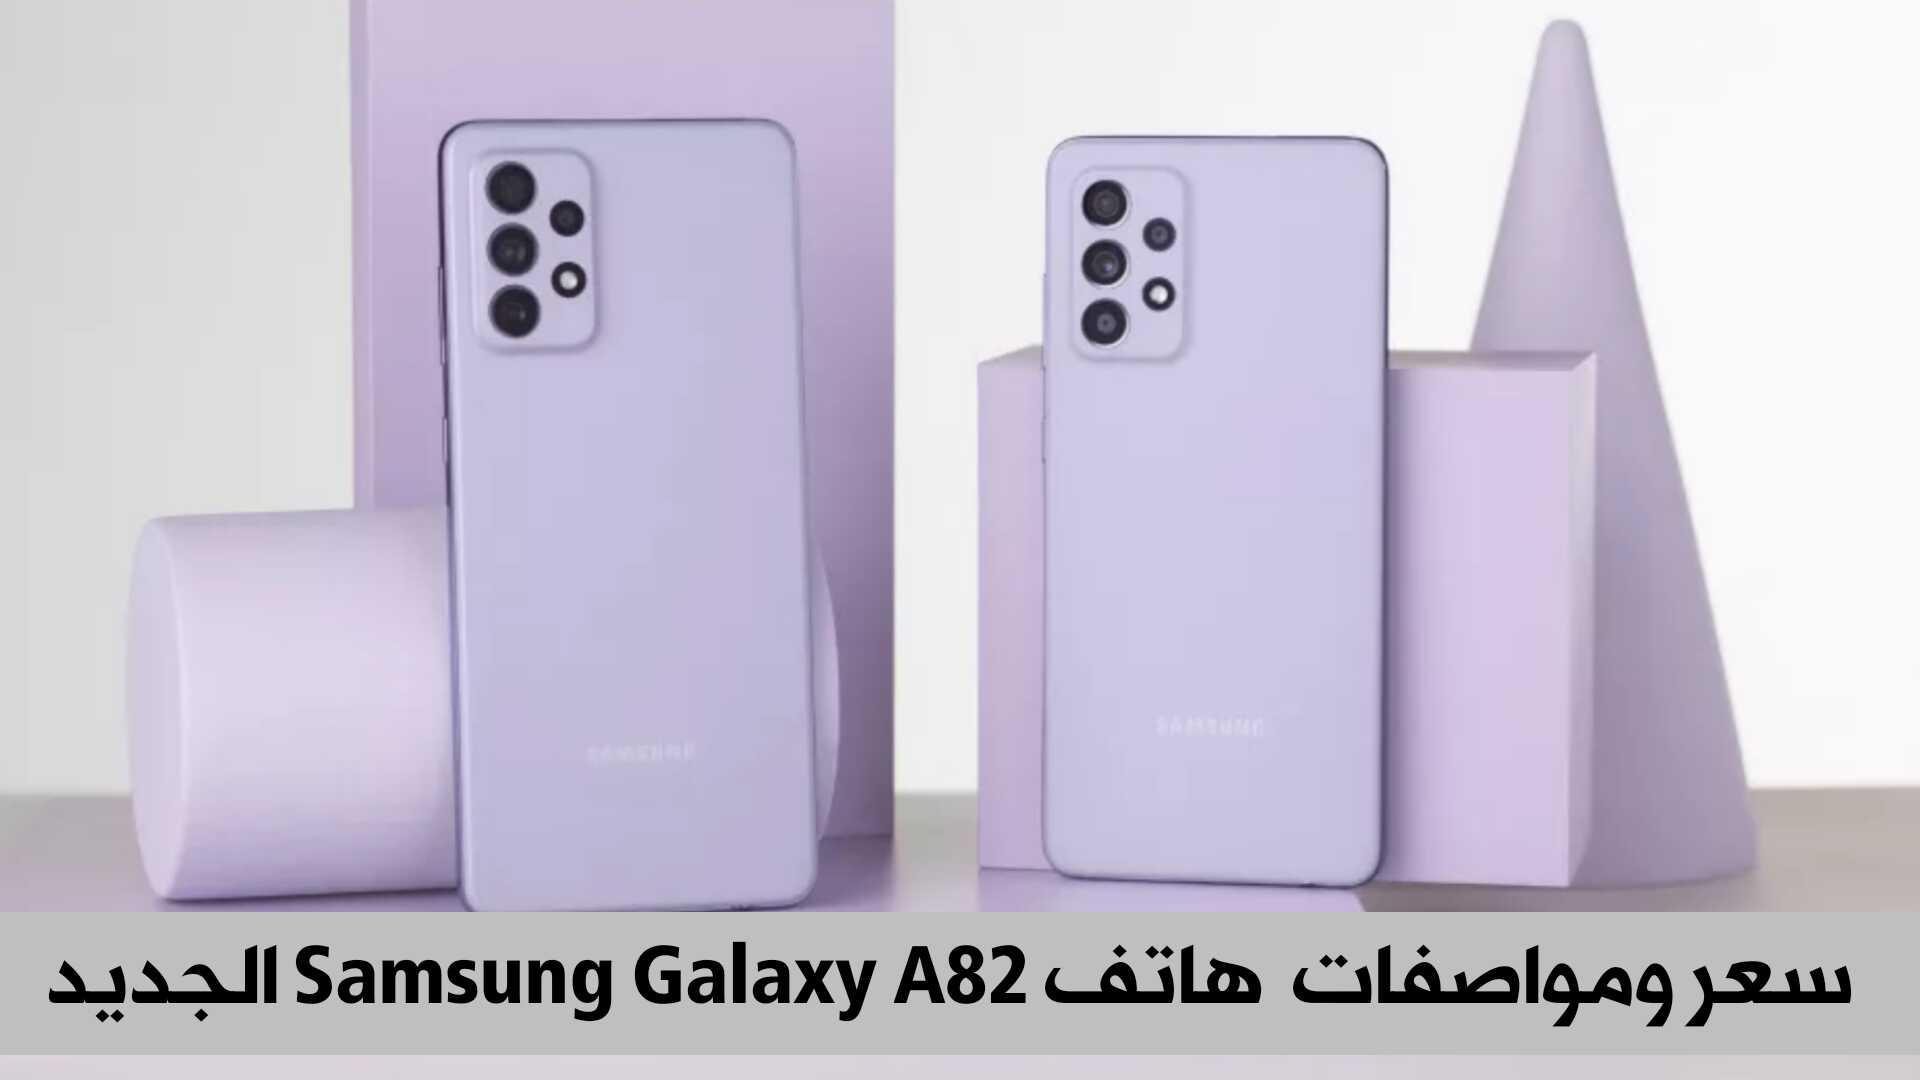 هاتف Samsung Galaxy A82 الجديد تسريبات السعر والمواصفات